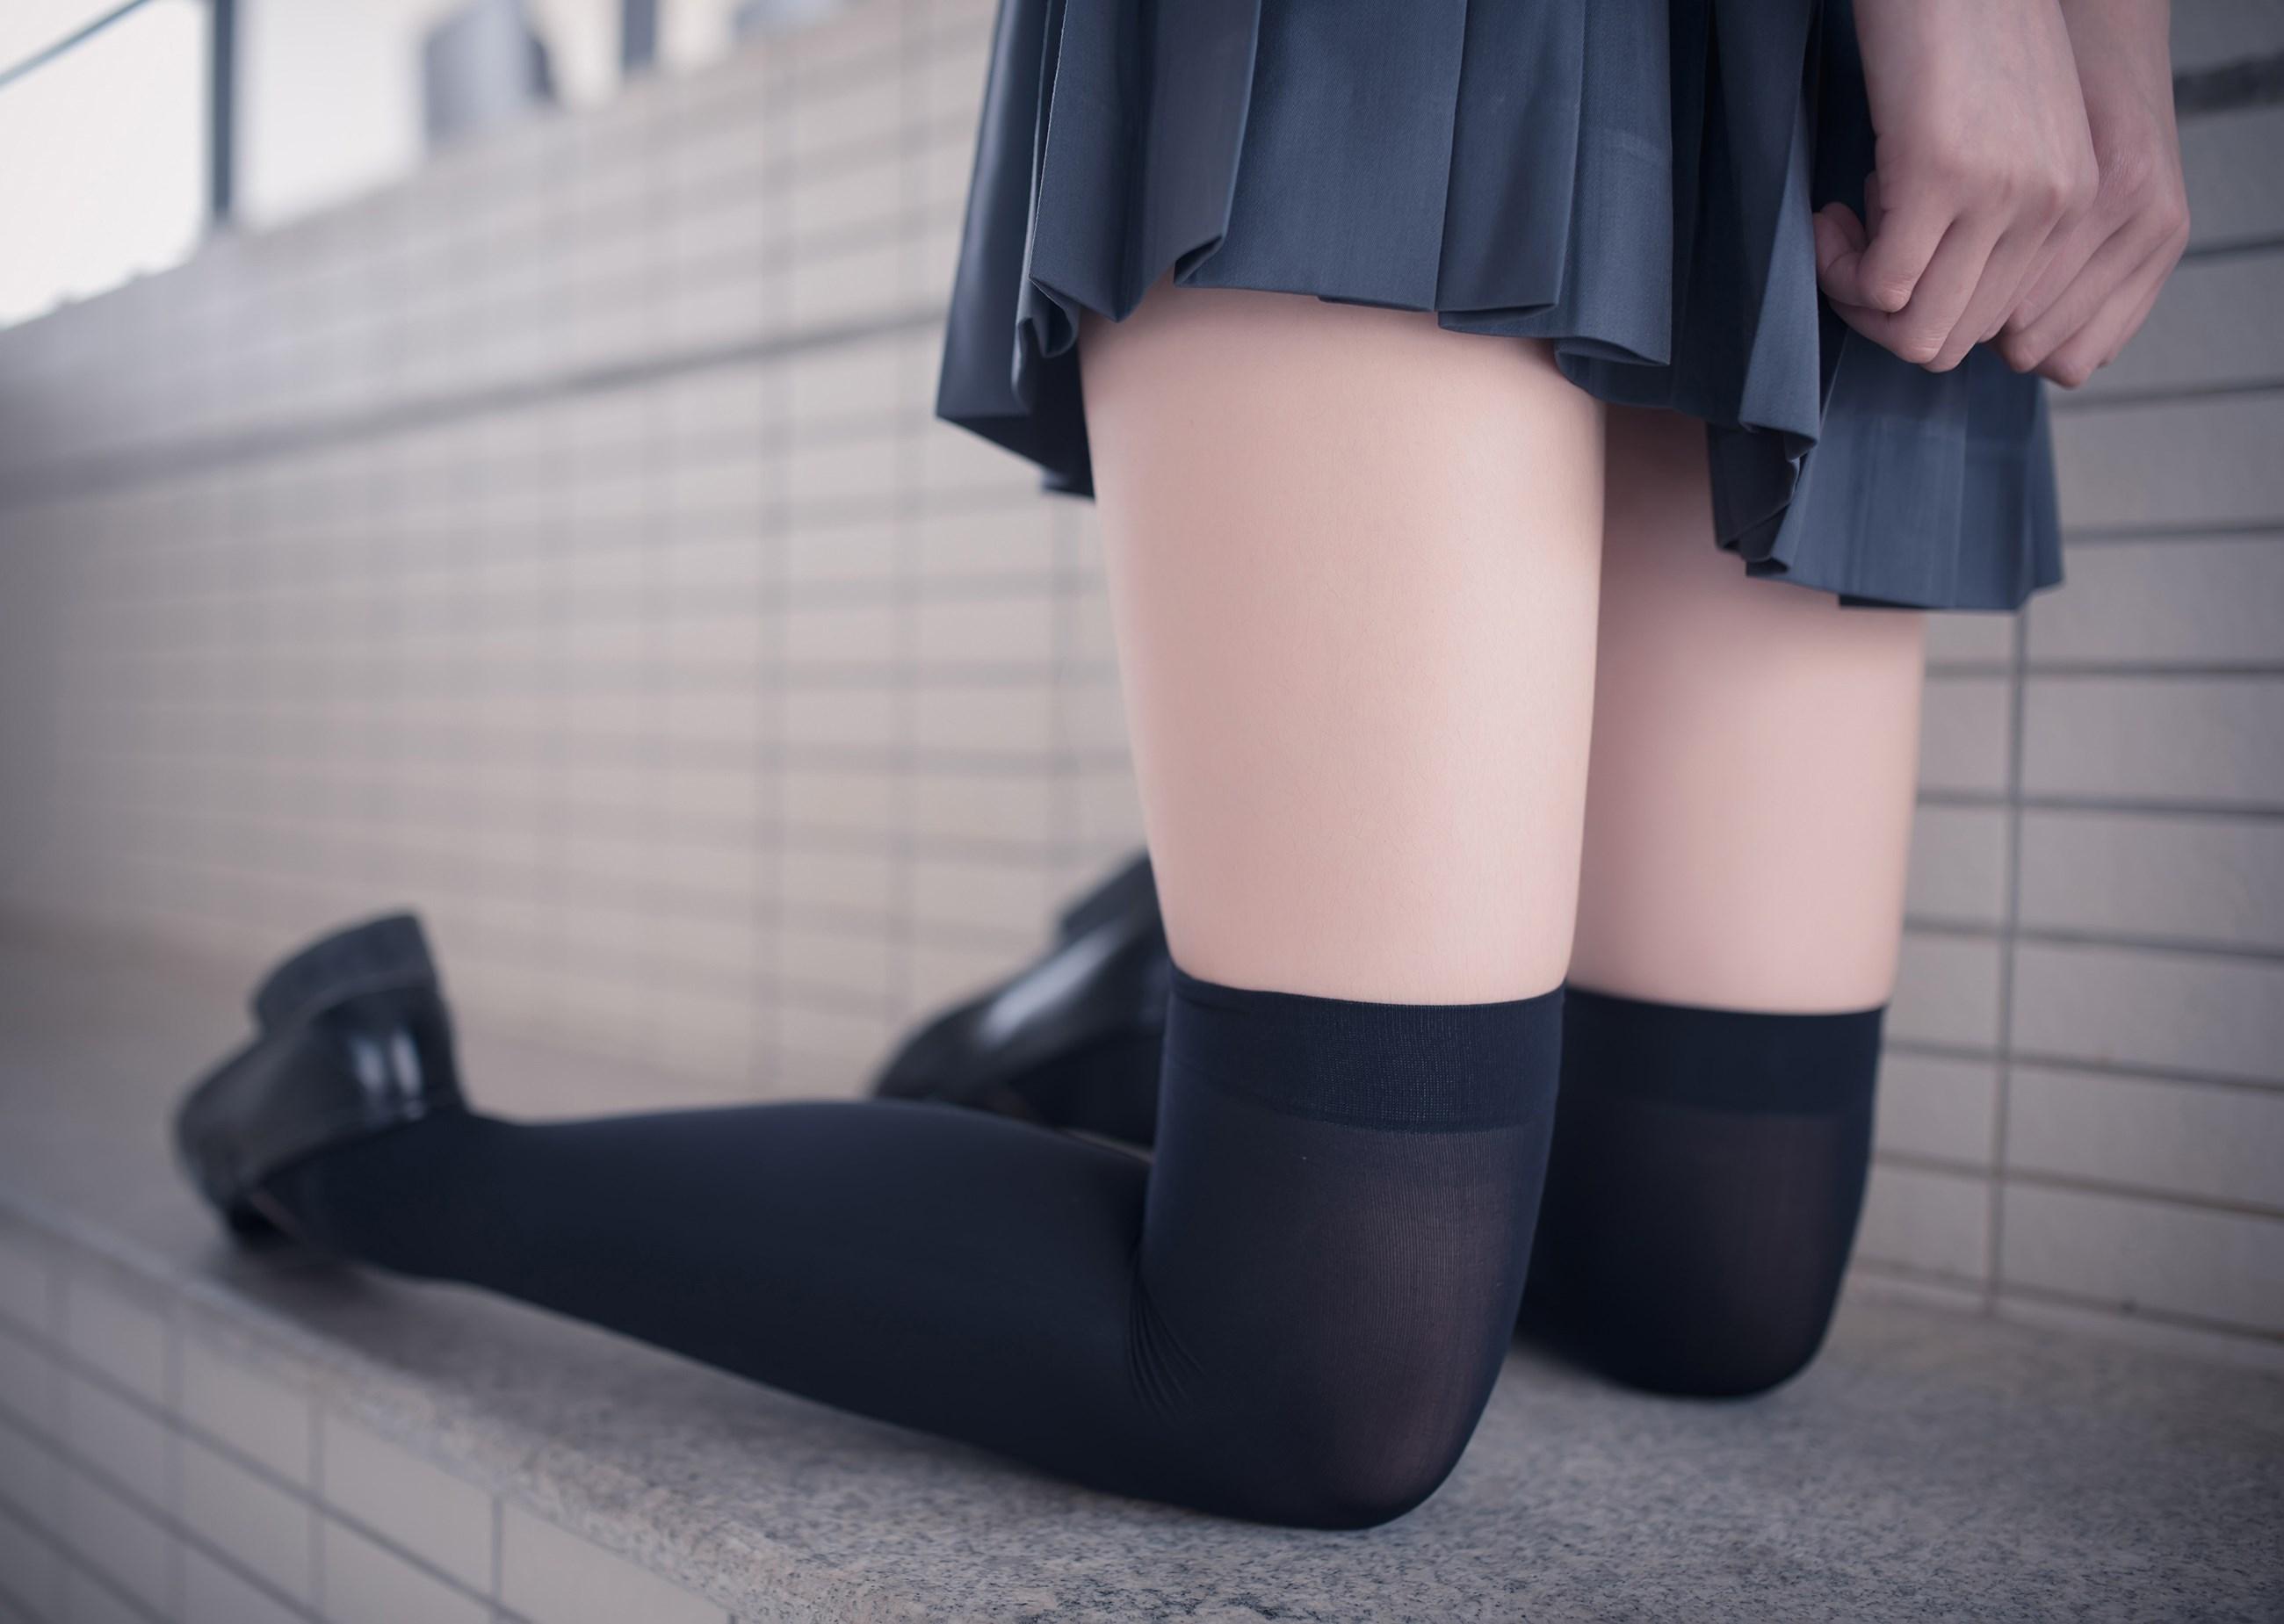 【兔玩映画】黑丝过膝袜 兔玩映画 第29张